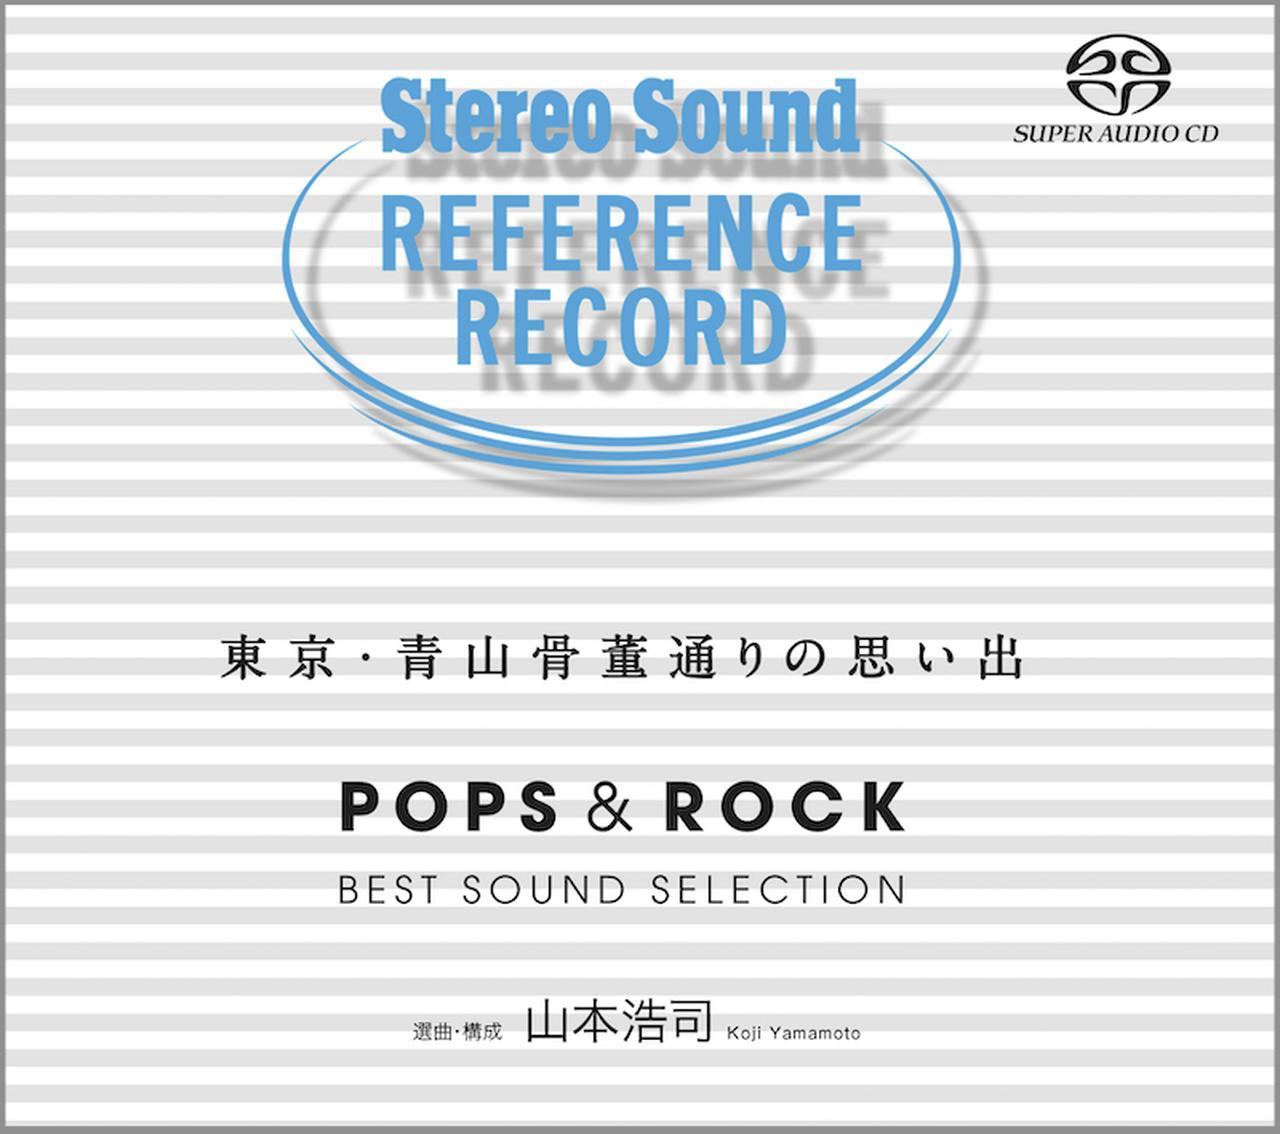 Images : 3番目の画像 - 季刊ステレオサウンド チームも参加いたします! 会場では自慢の高音質ソフト即売会も開催。ぜひお立ち寄りくださいね - Stereo Sound ONLINE